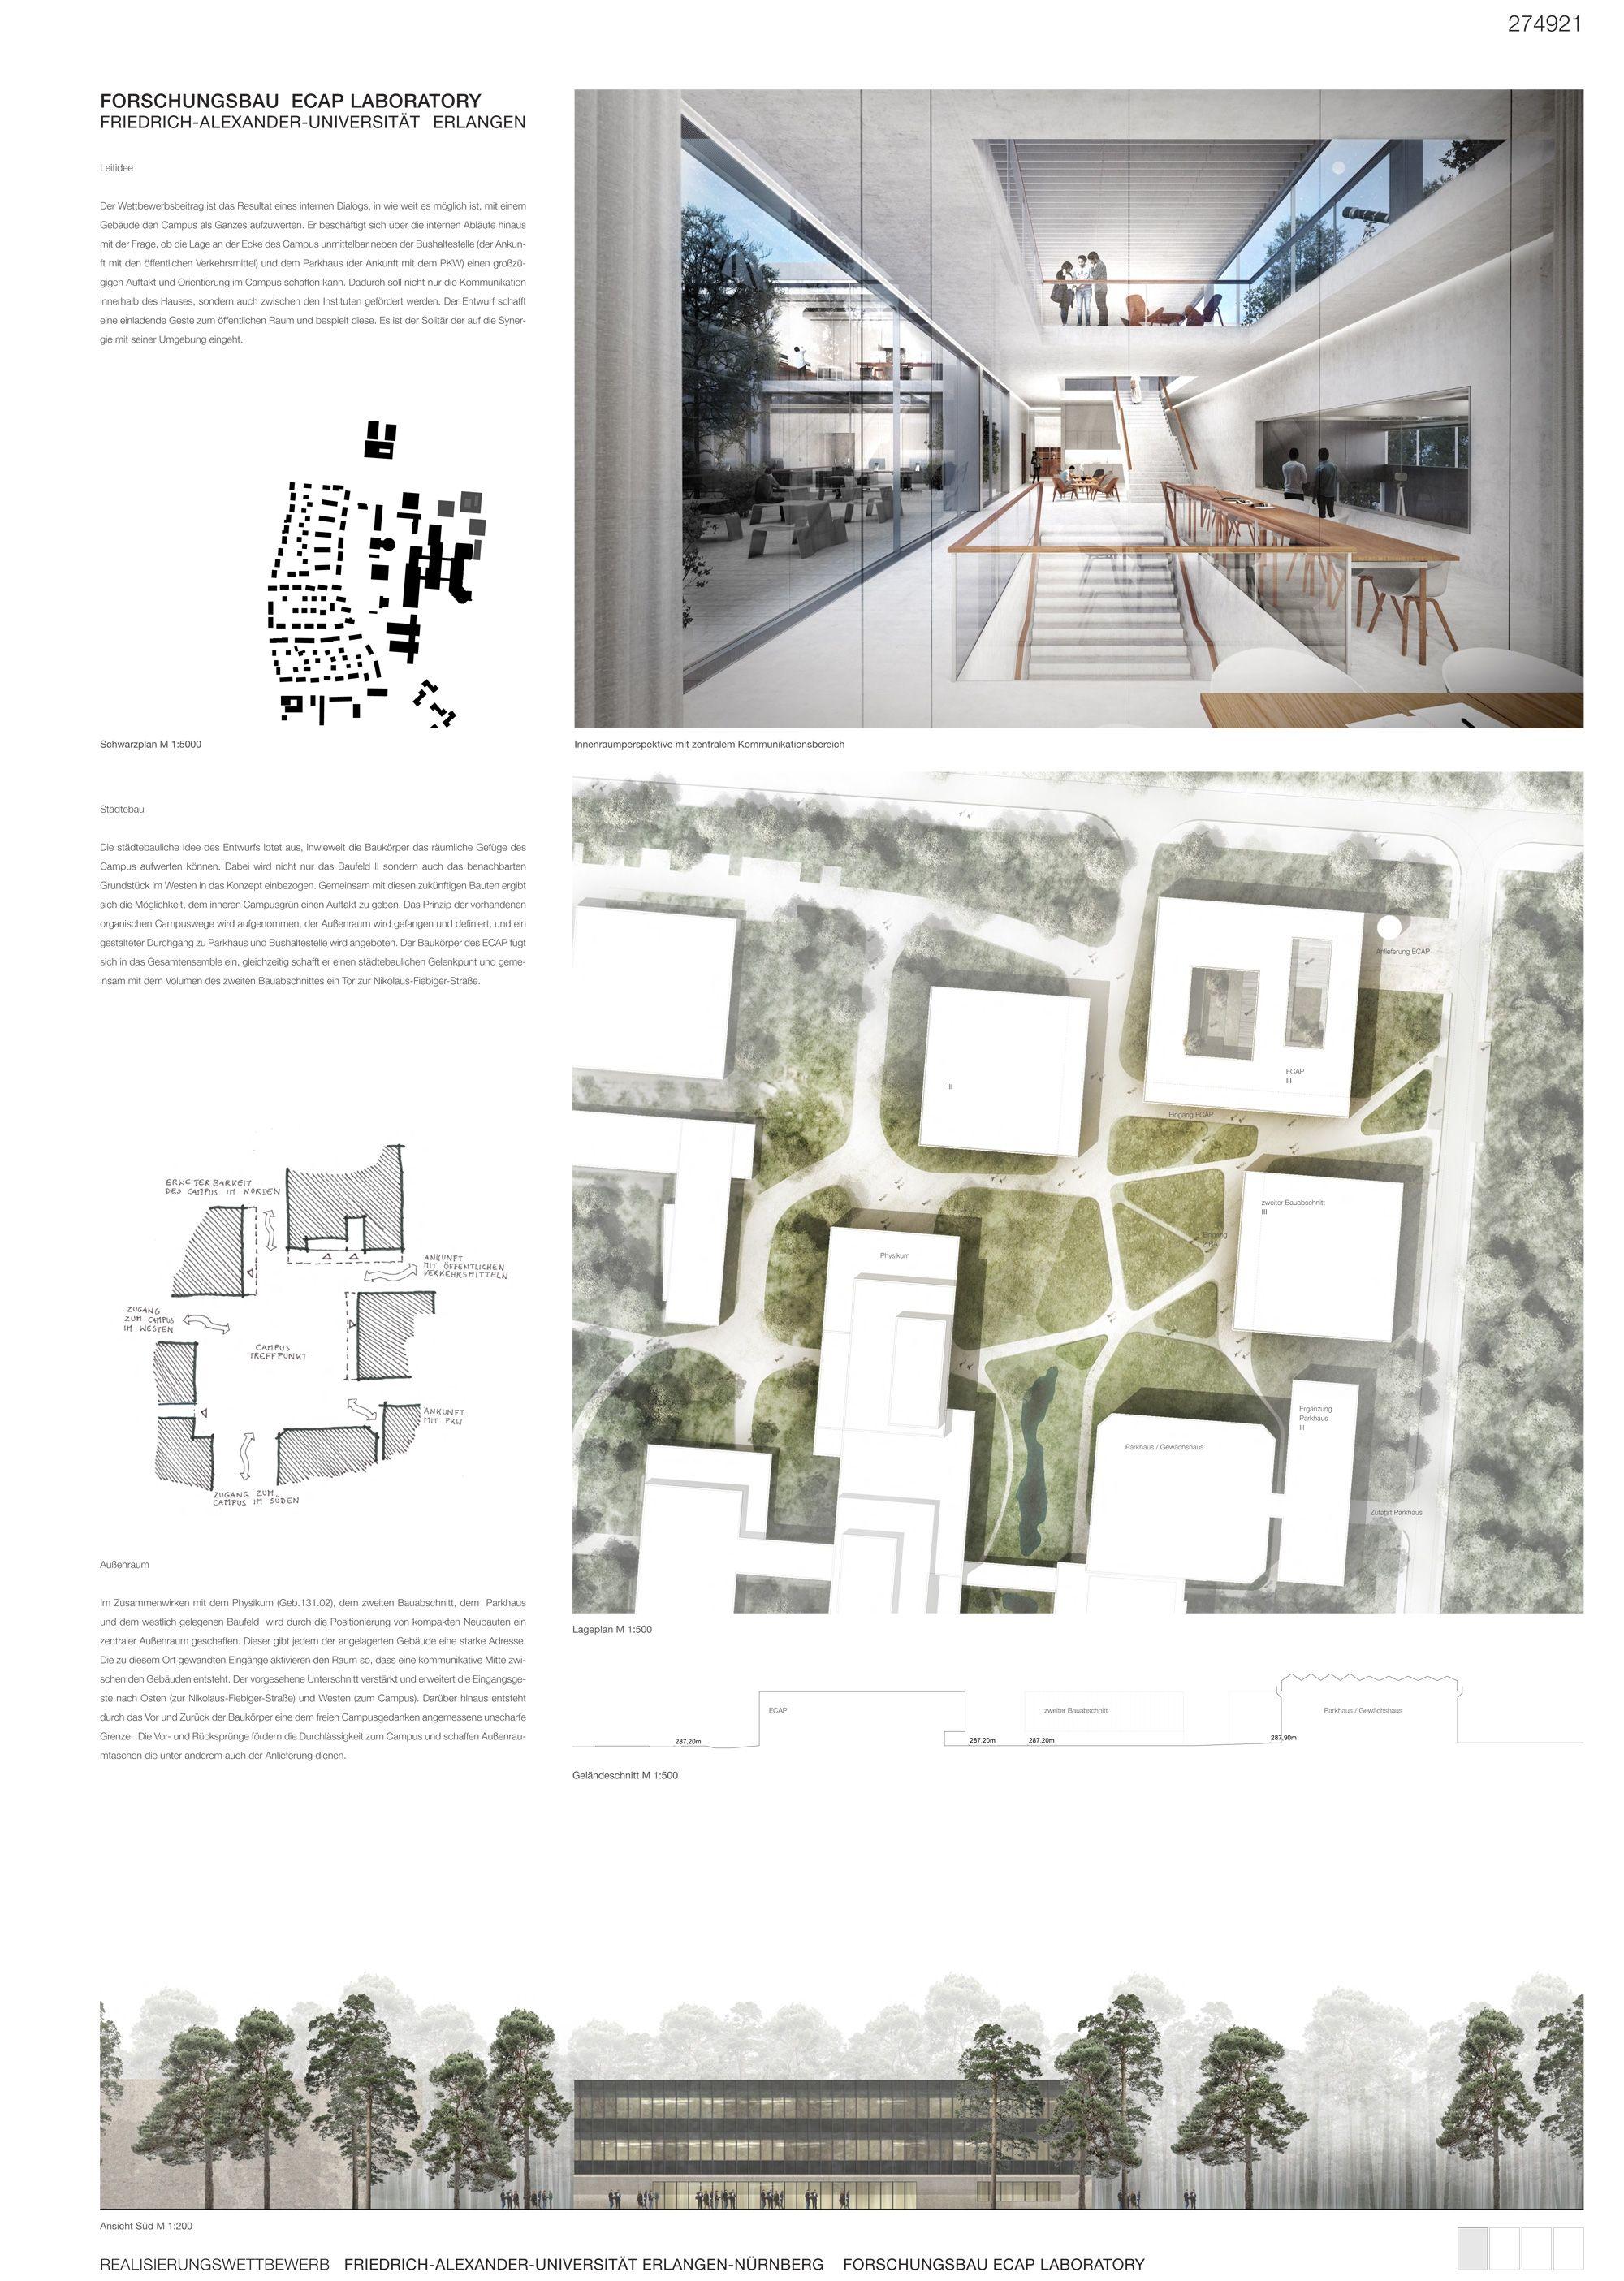 Architekt Erlangen 1 preis glass kramer löbbert architekten dichterarchitektur